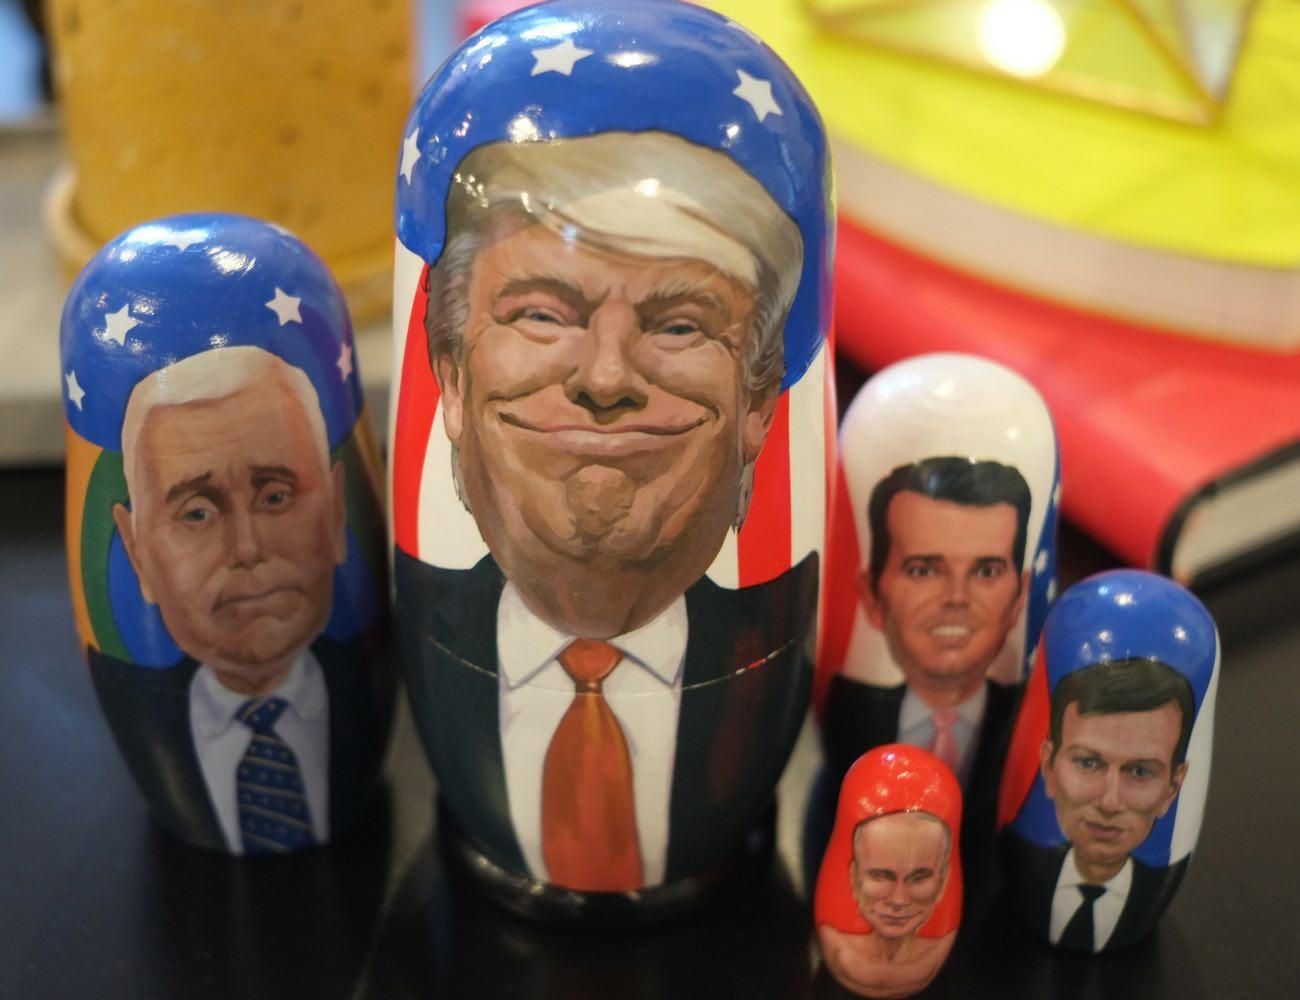 Trump Russian Matryoshka Nesting Dolls